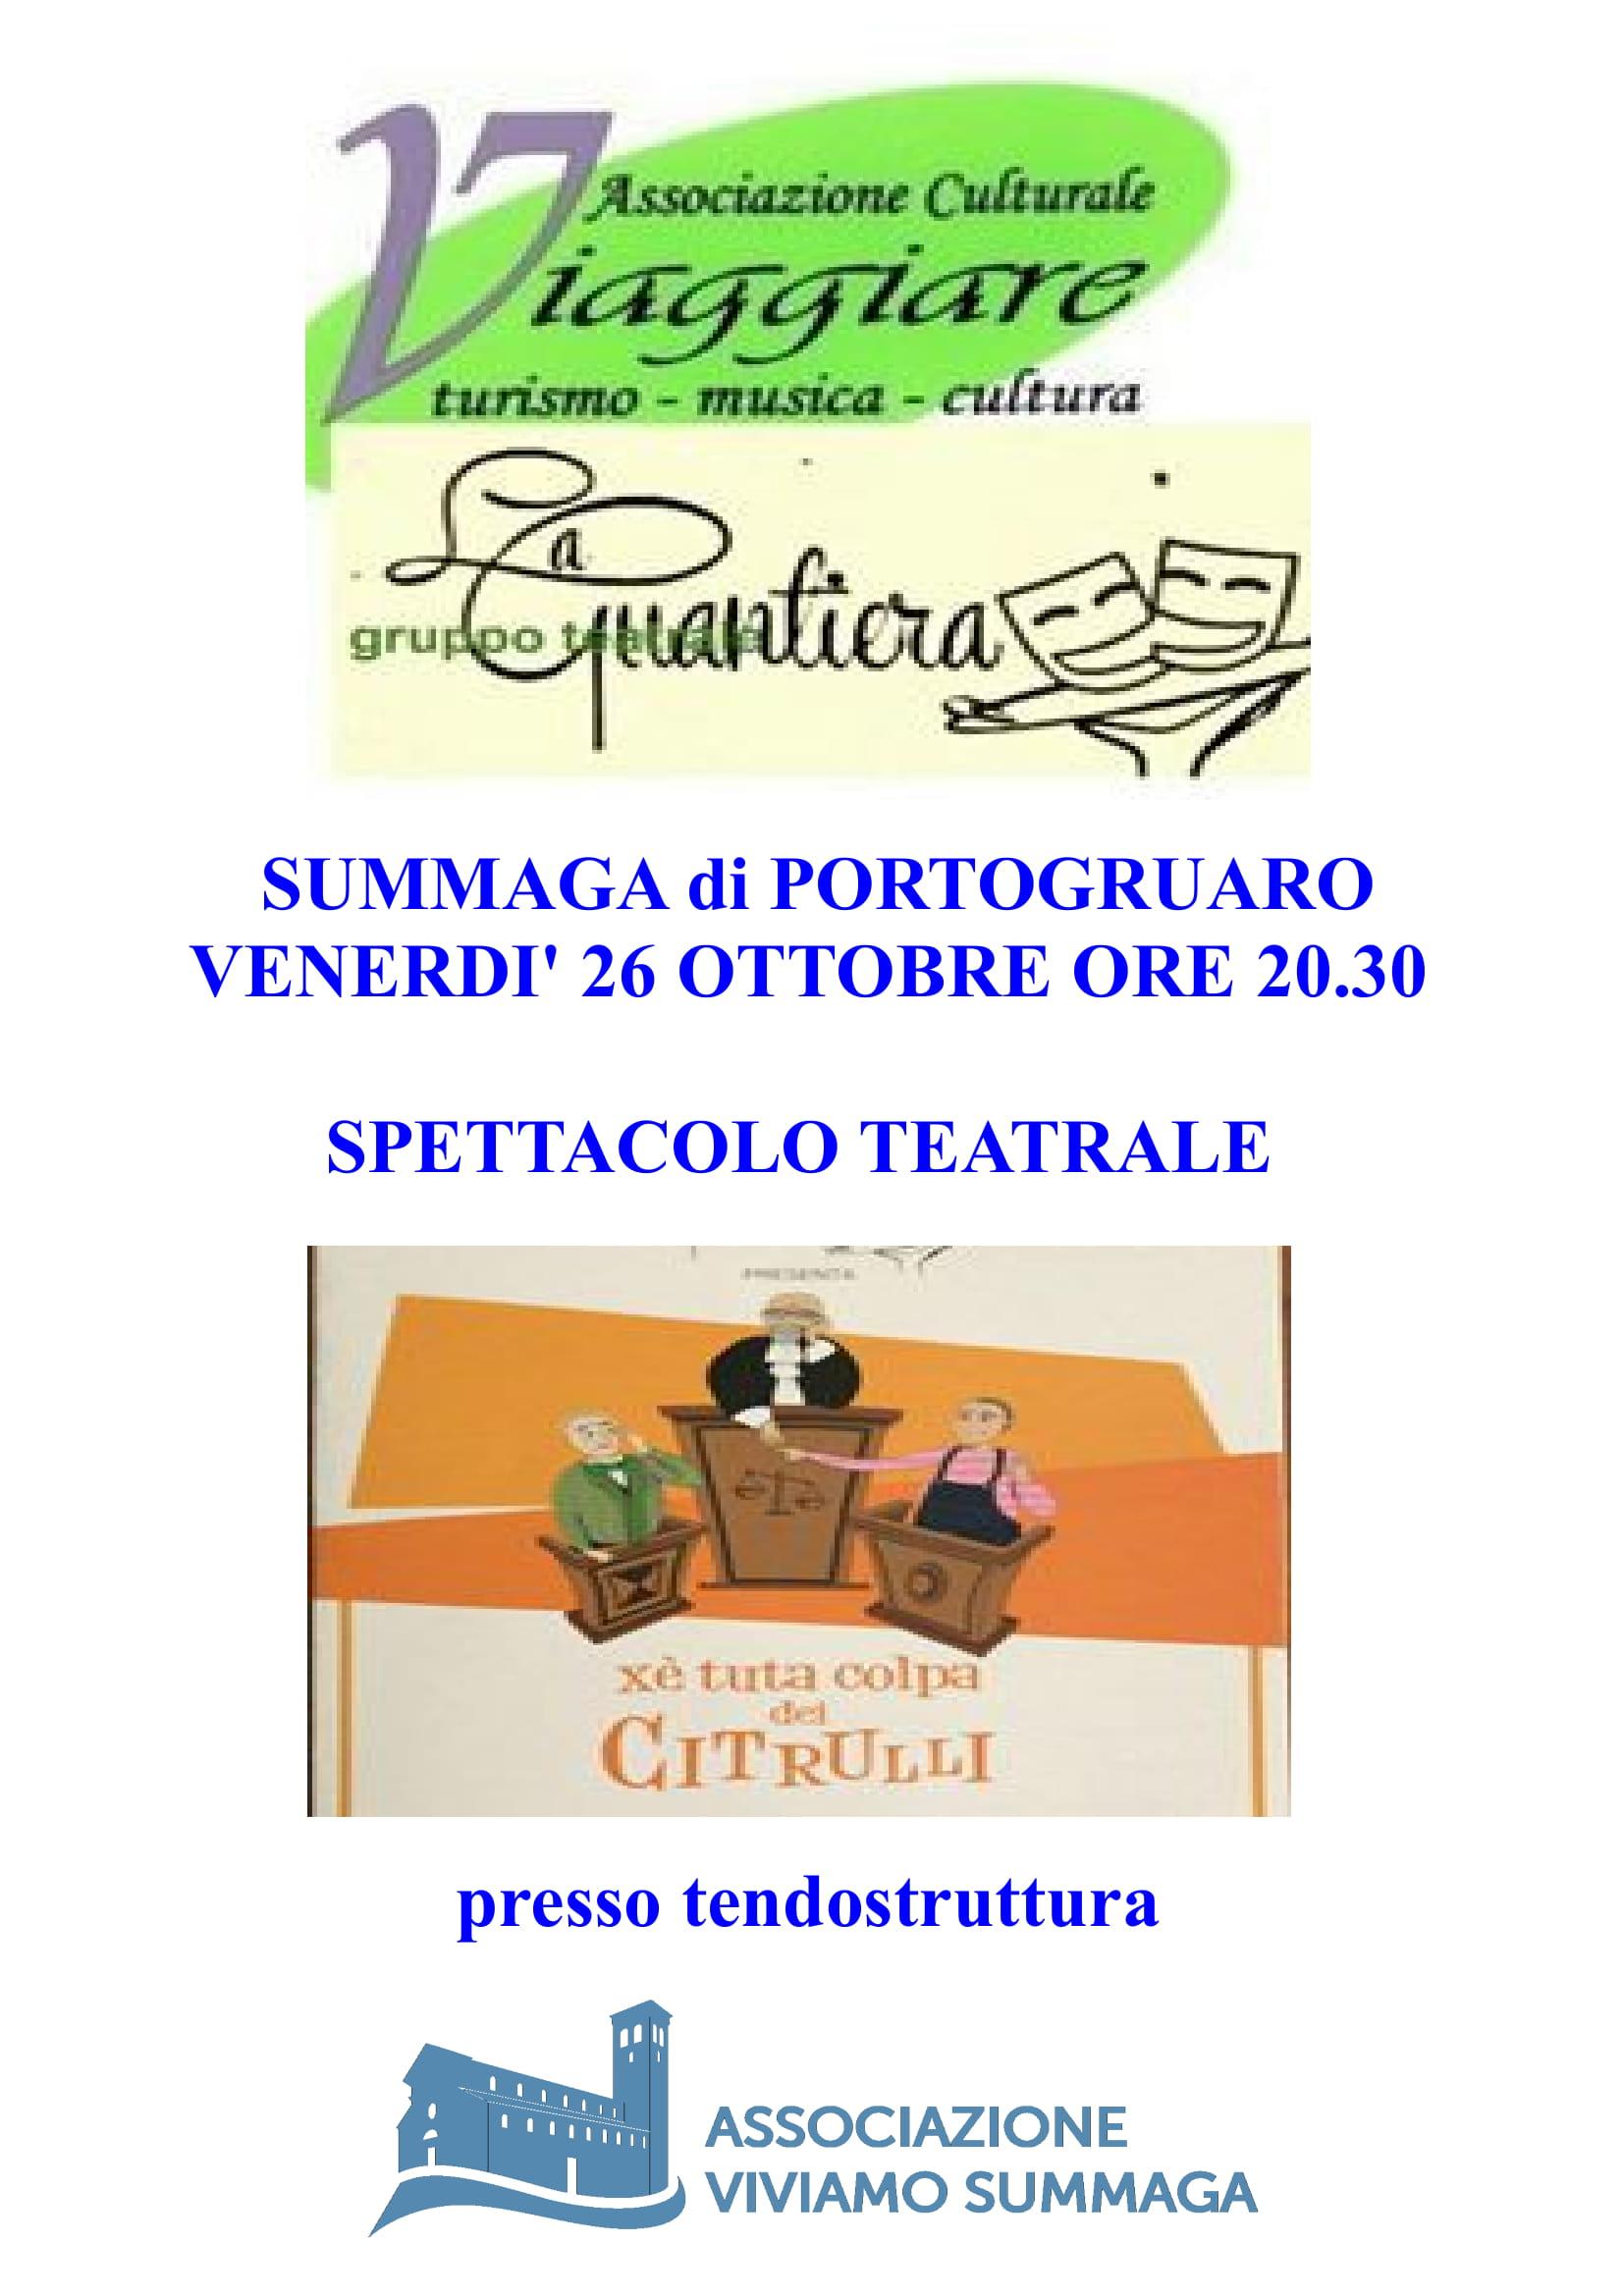 Spettacolo Teatrale La Guantiera